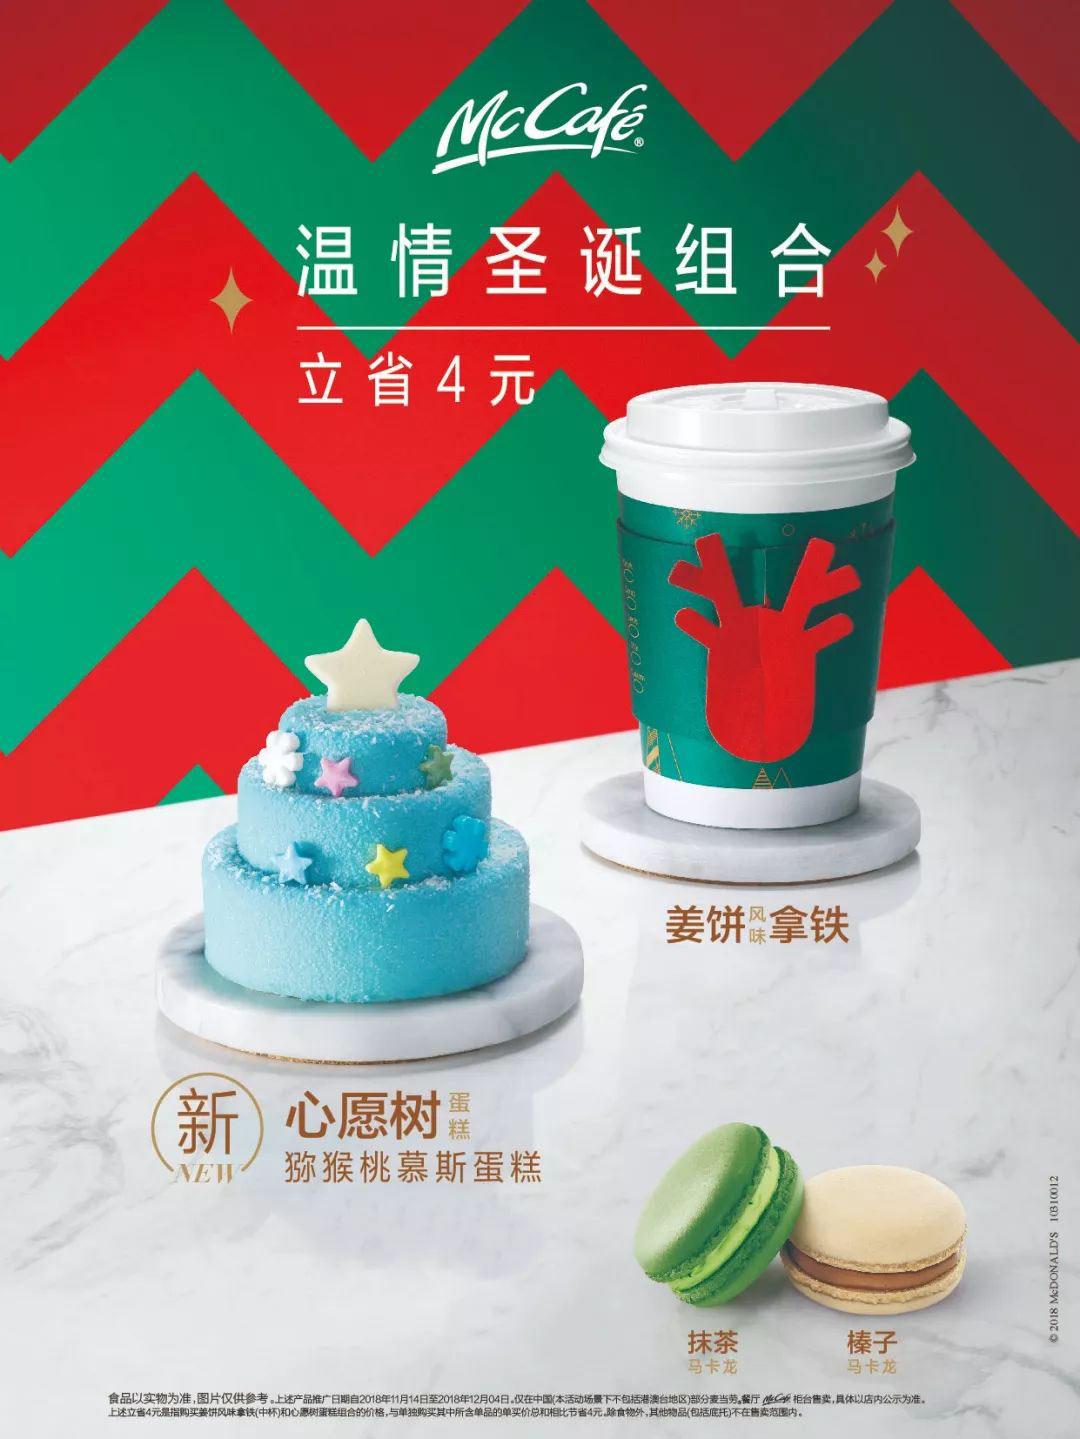 麦当劳麦咖啡McCafe温情圣诞组合慕斯蛋糕搭配姜饼风味拿铁立减4元 有效期至:2018年12月4日 www.5ikfc.com